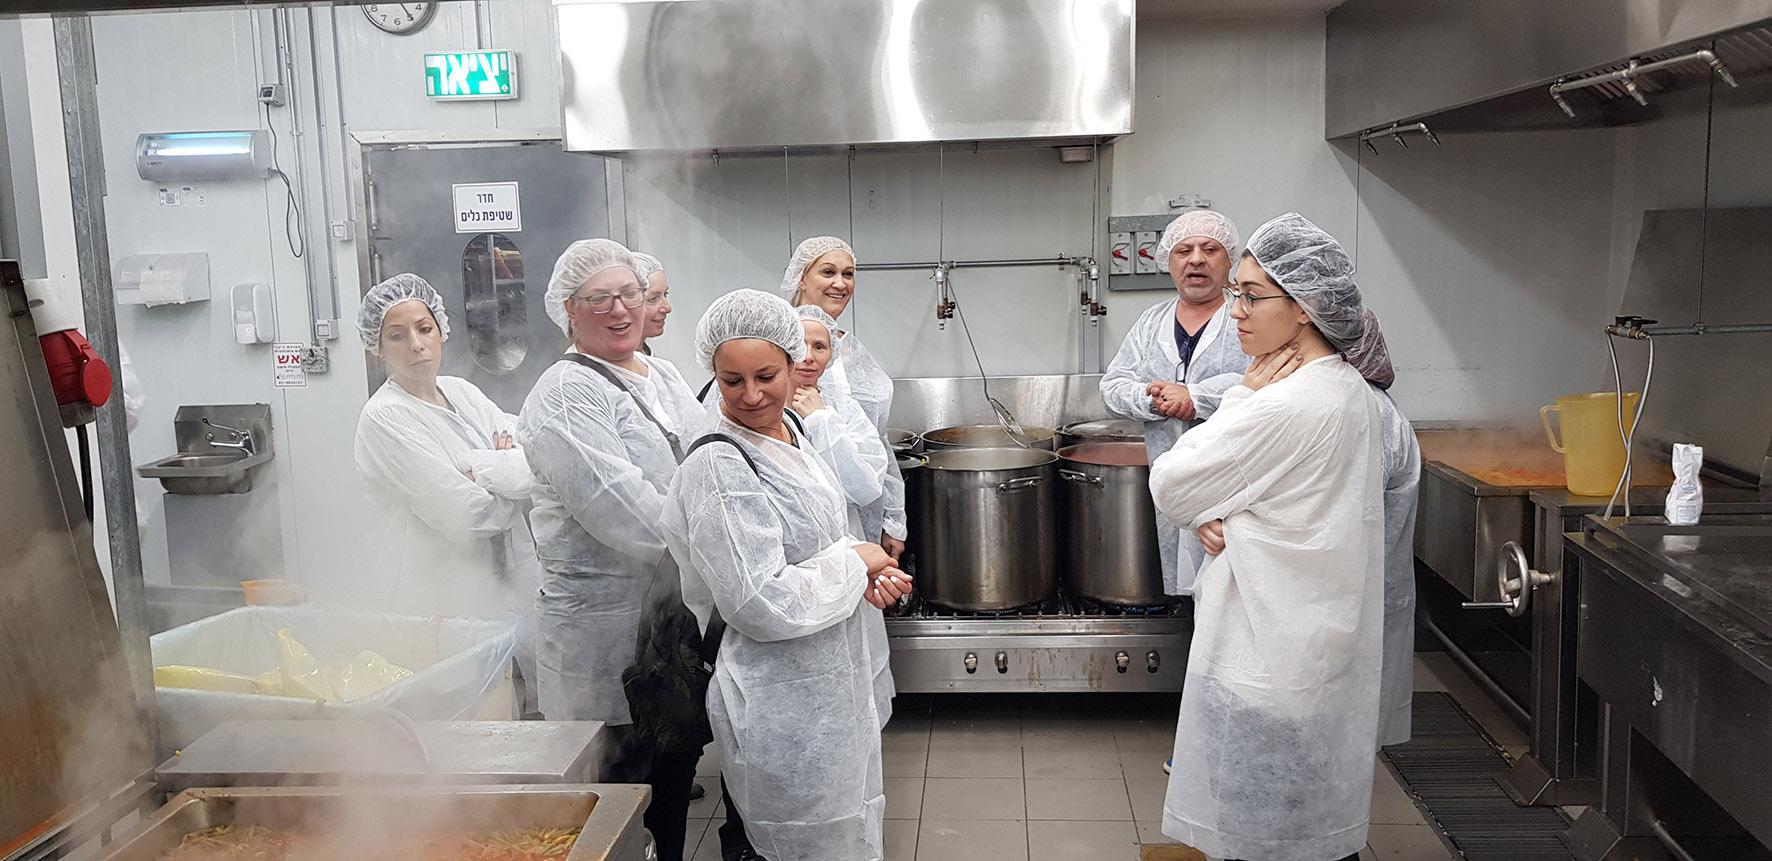 Photo of מקפידים על טיב המזון. גננות וסייעות הצהרונים ביקרו במטבח שמספק את האוכל לילדים